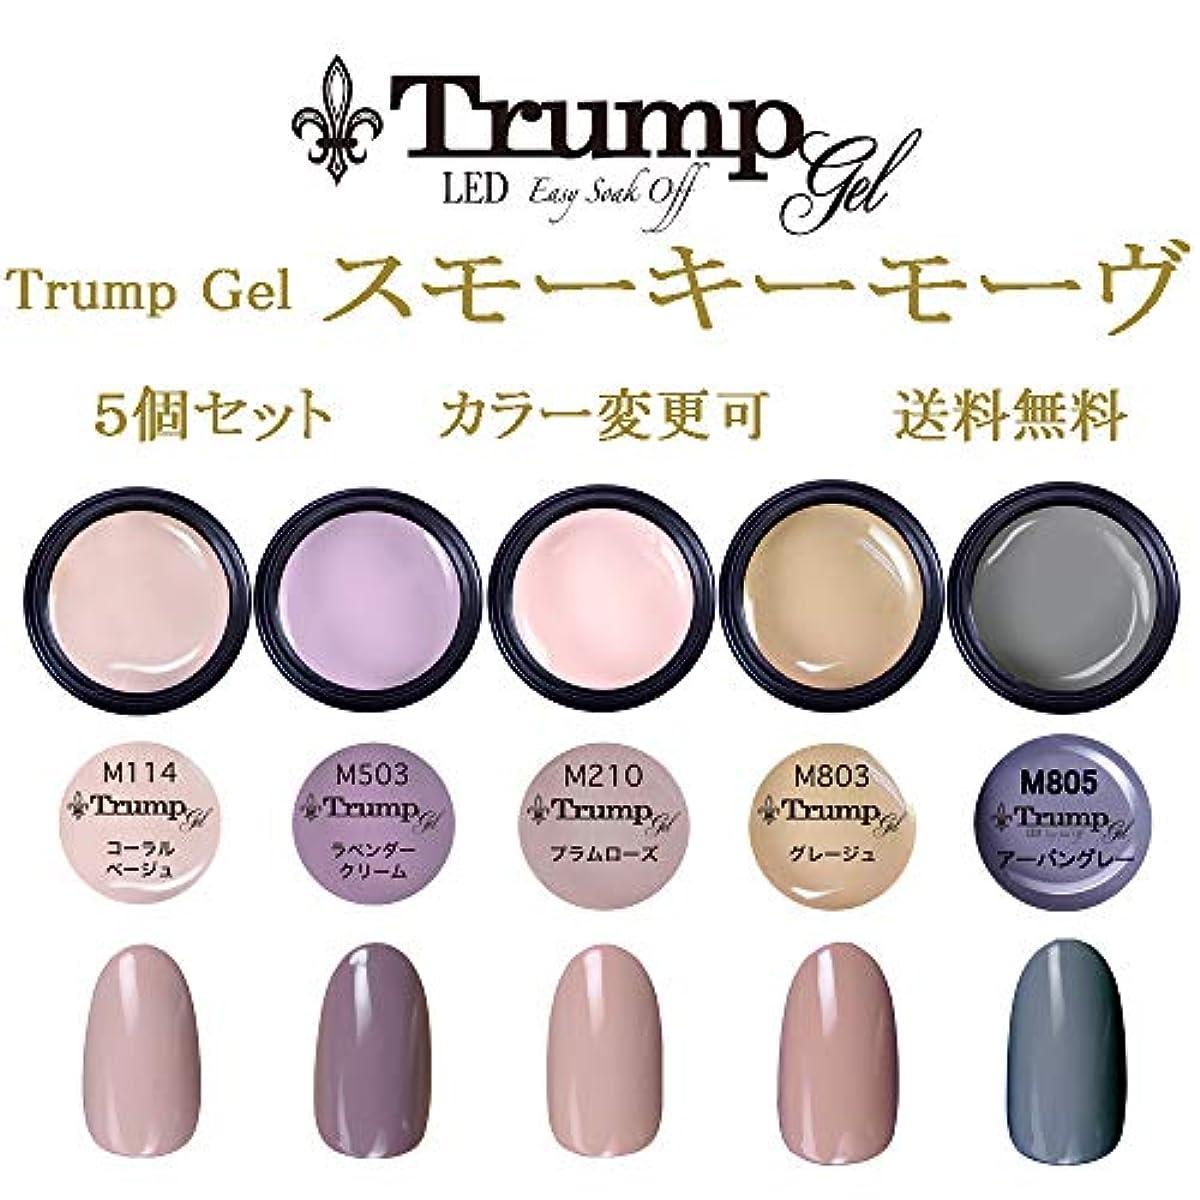 パラメータ自明なくなる【送料無料】Trumpスモーキーモーヴカラー選べるカラージェル5個セット